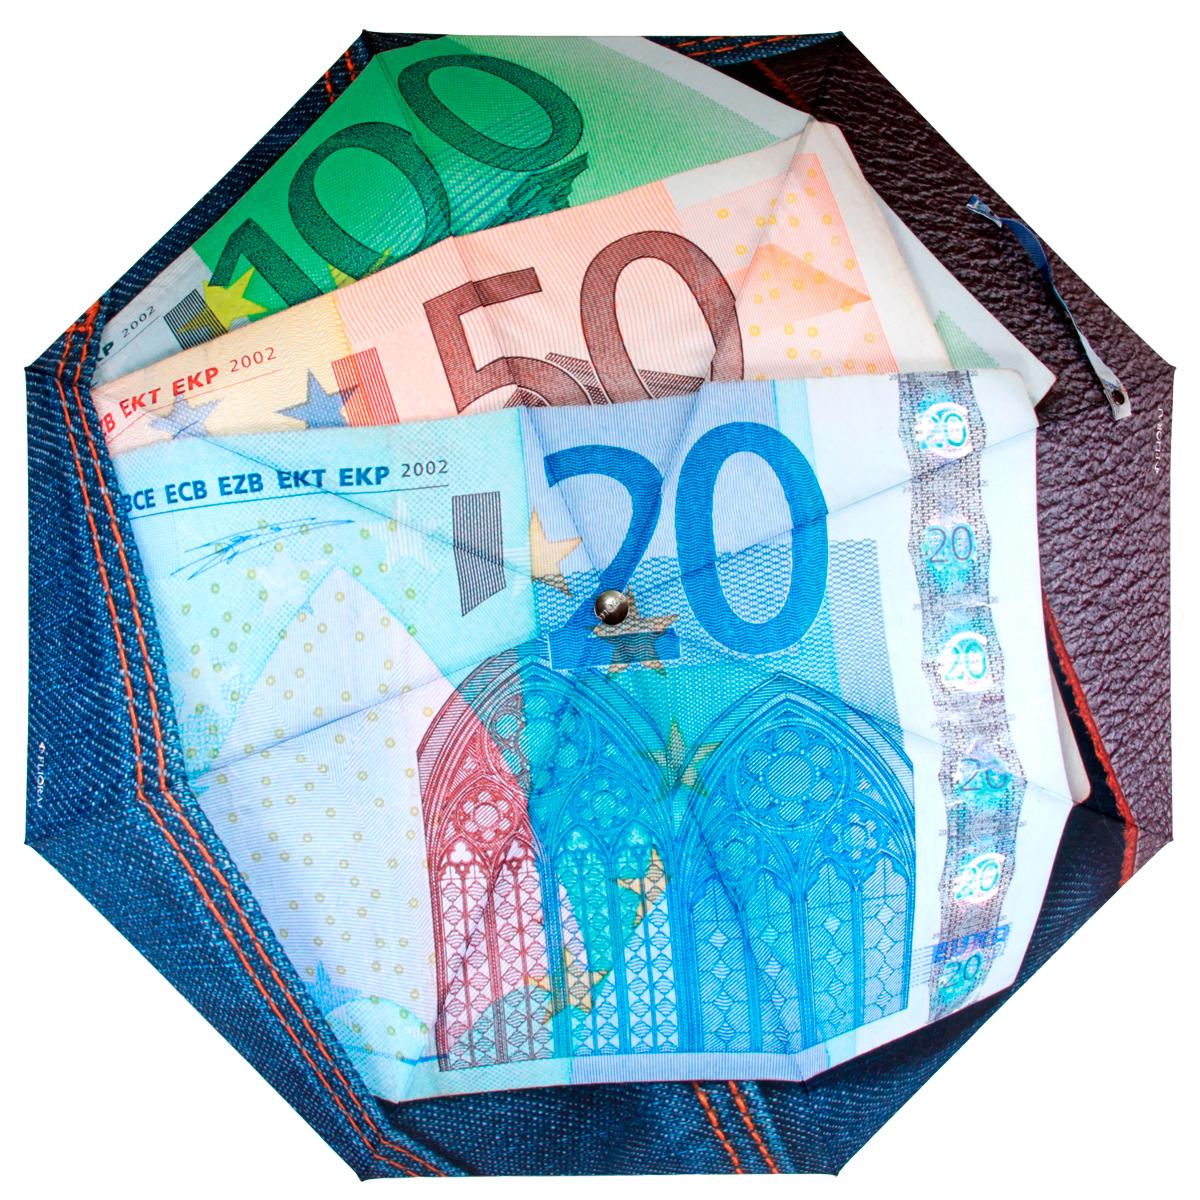 Зонт женский Flioraj Евро, автомат, 3 сложения, голубой, розовый, зеленый014-30 FJСтильный автоматический зонт Flioraj Евро в 3 сложения даже в ненастную погоду позволит вам оставаться стильной и элегантной. Каркас зонта из анодированной стали состоит из восьми карбоновых спиц, оснащен удобной прорезиненной рукояткой. Карбоновые спицы помогут выдержать натиск ураганного ветра. Зонт снабжен системой антиветер. Зонт имеет полный автоматический механизм сложения: купол открывается и закрывается нажатием кнопки на рукоятке, стержень складывается вручную до характерного щелчка, благодаря чему открыть и закрыть зонт можно одной рукой, что чрезвычайно удобно при входе в транспорт или помещение. Купол зонта выполнен из прочного полиэстера и оформлен оригинальным изображением банкнот евро. Закрытый купол фиксируется хлястиком на кнопке. На рукоятке для удобства есть небольшая эластичная петля, позволяющая надеть зонт на руку тогда, когда это будет необходимо. К зонту прилагается чехол.